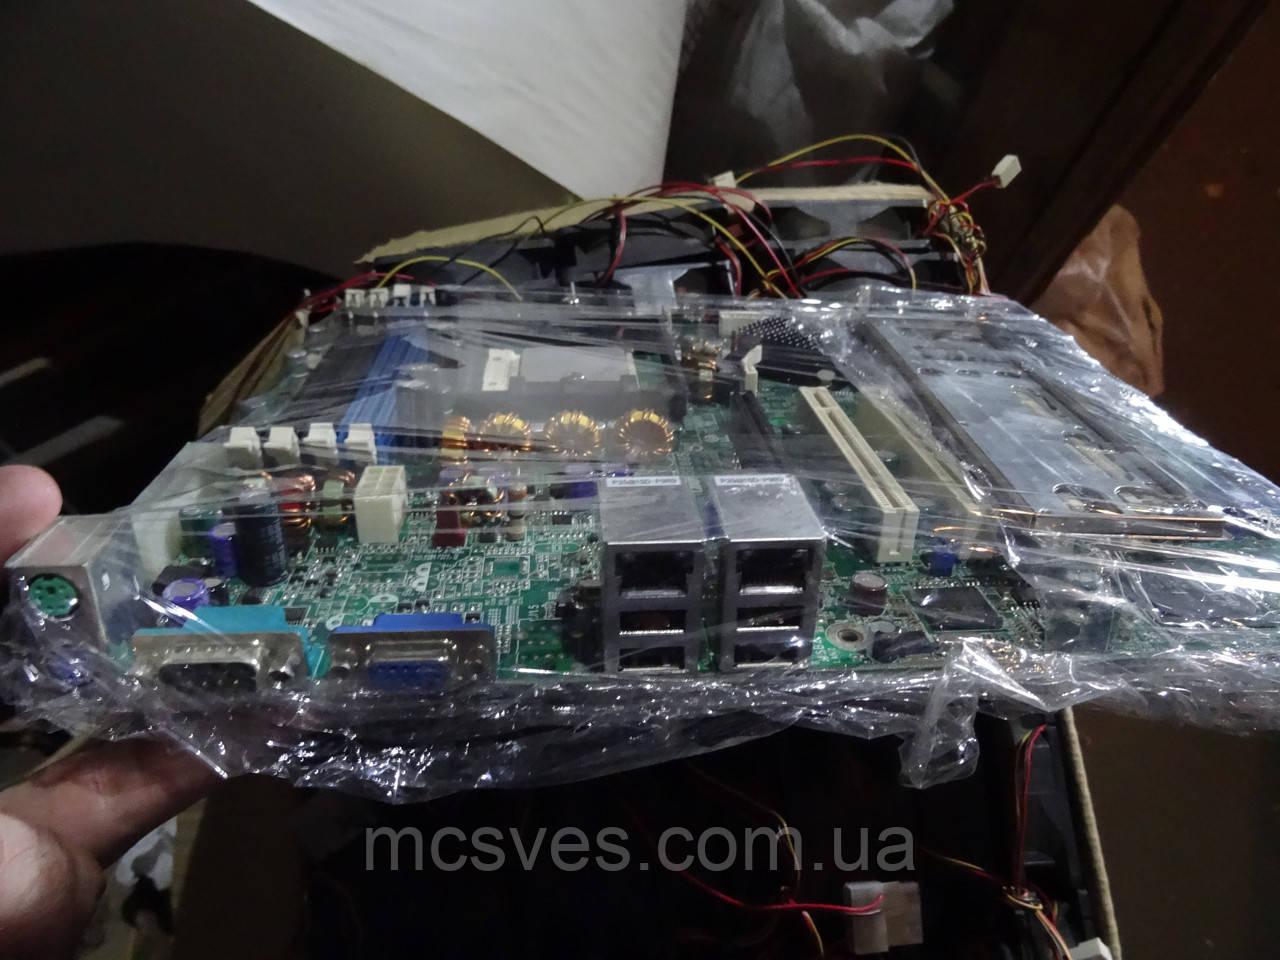 Материнская плата TYAN S2865G2NR-RS (Socket 939), 4xDDR, 2xRJ45 для сервера